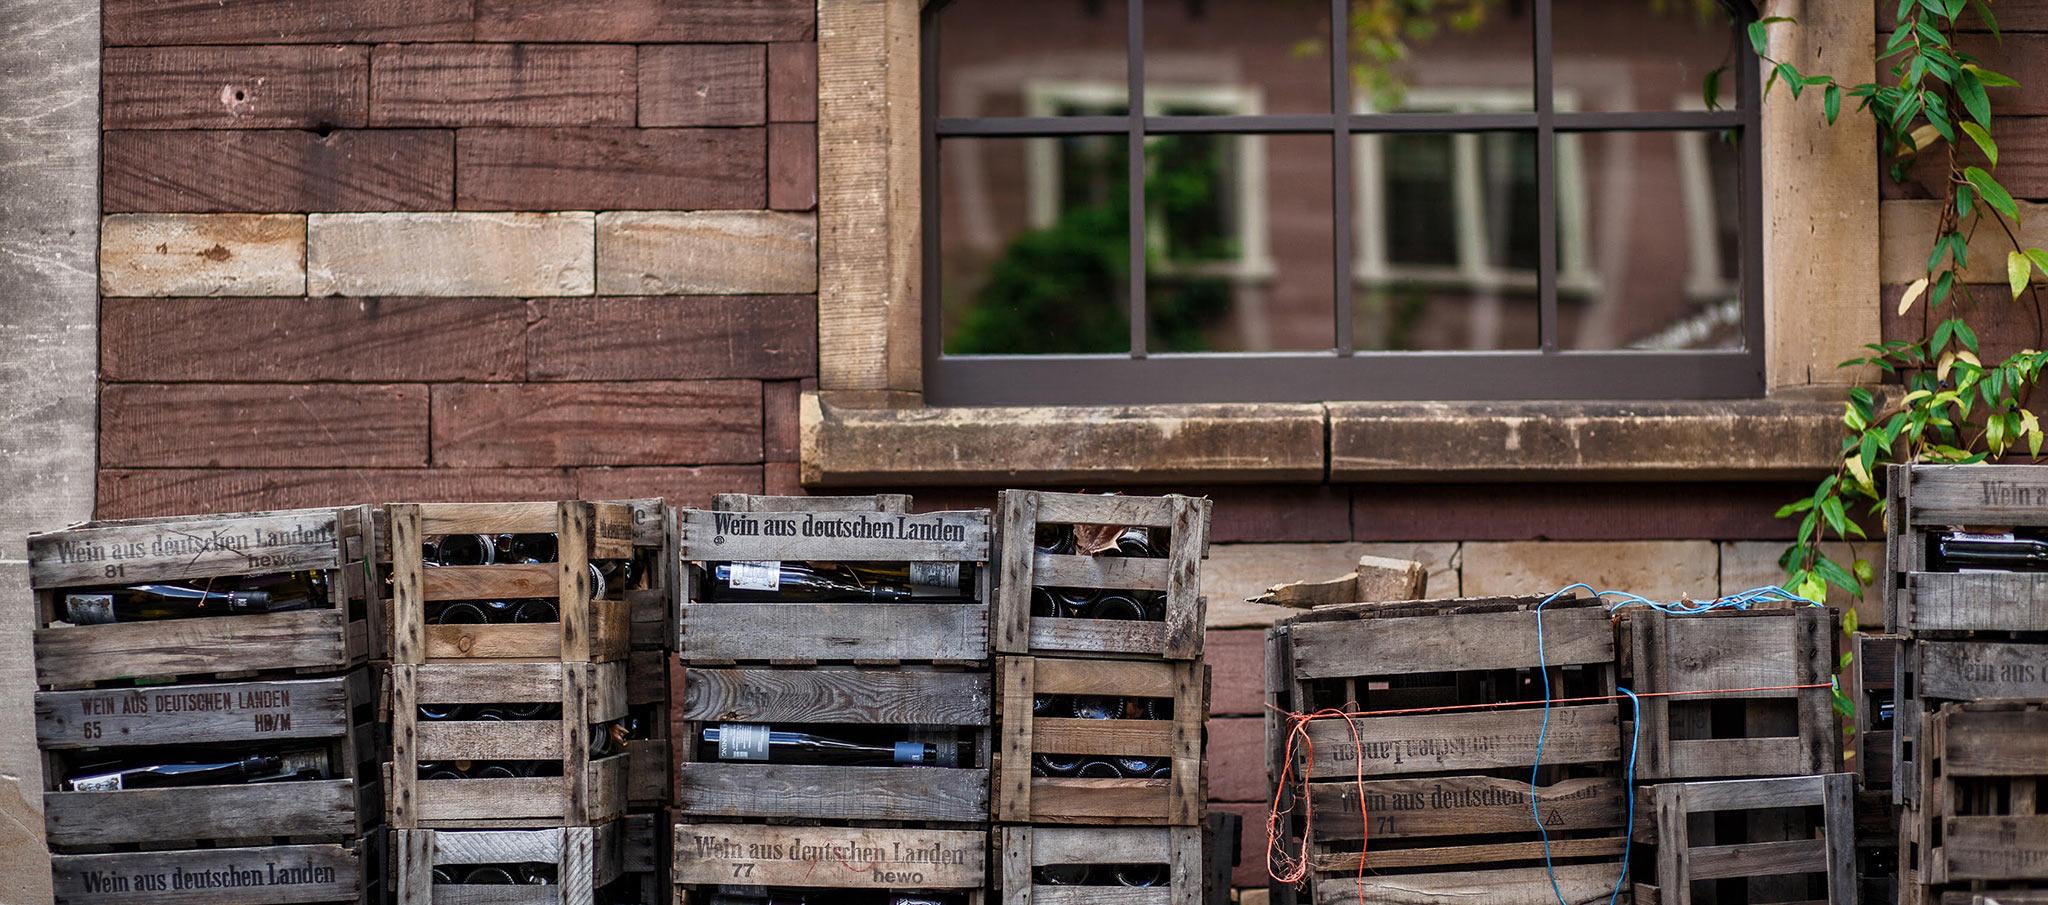 Bestil en smagekasse med tysk Riesling